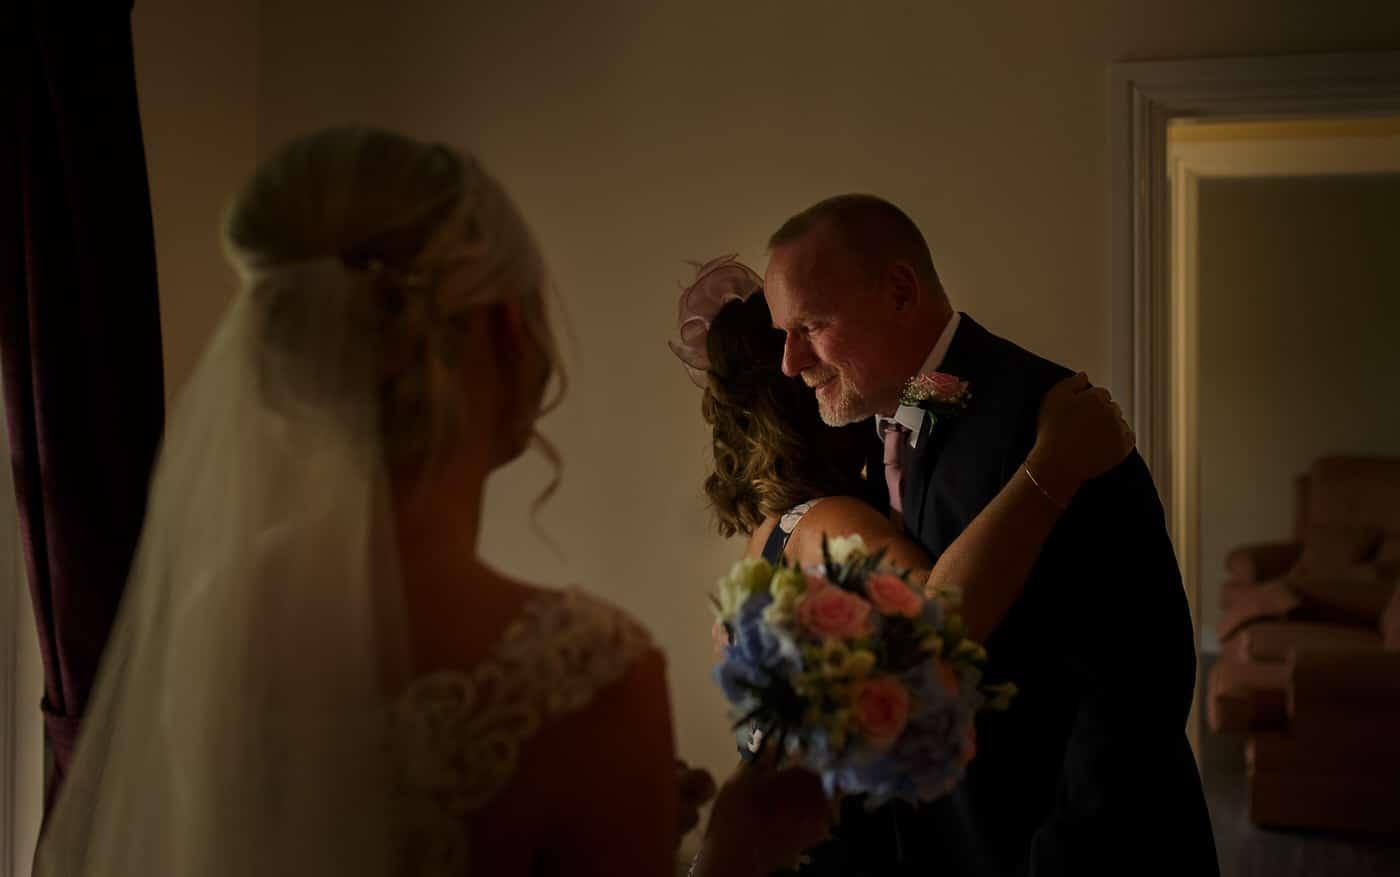 NETLEY HALL WEDDING PHOTOGRAPHER 1201